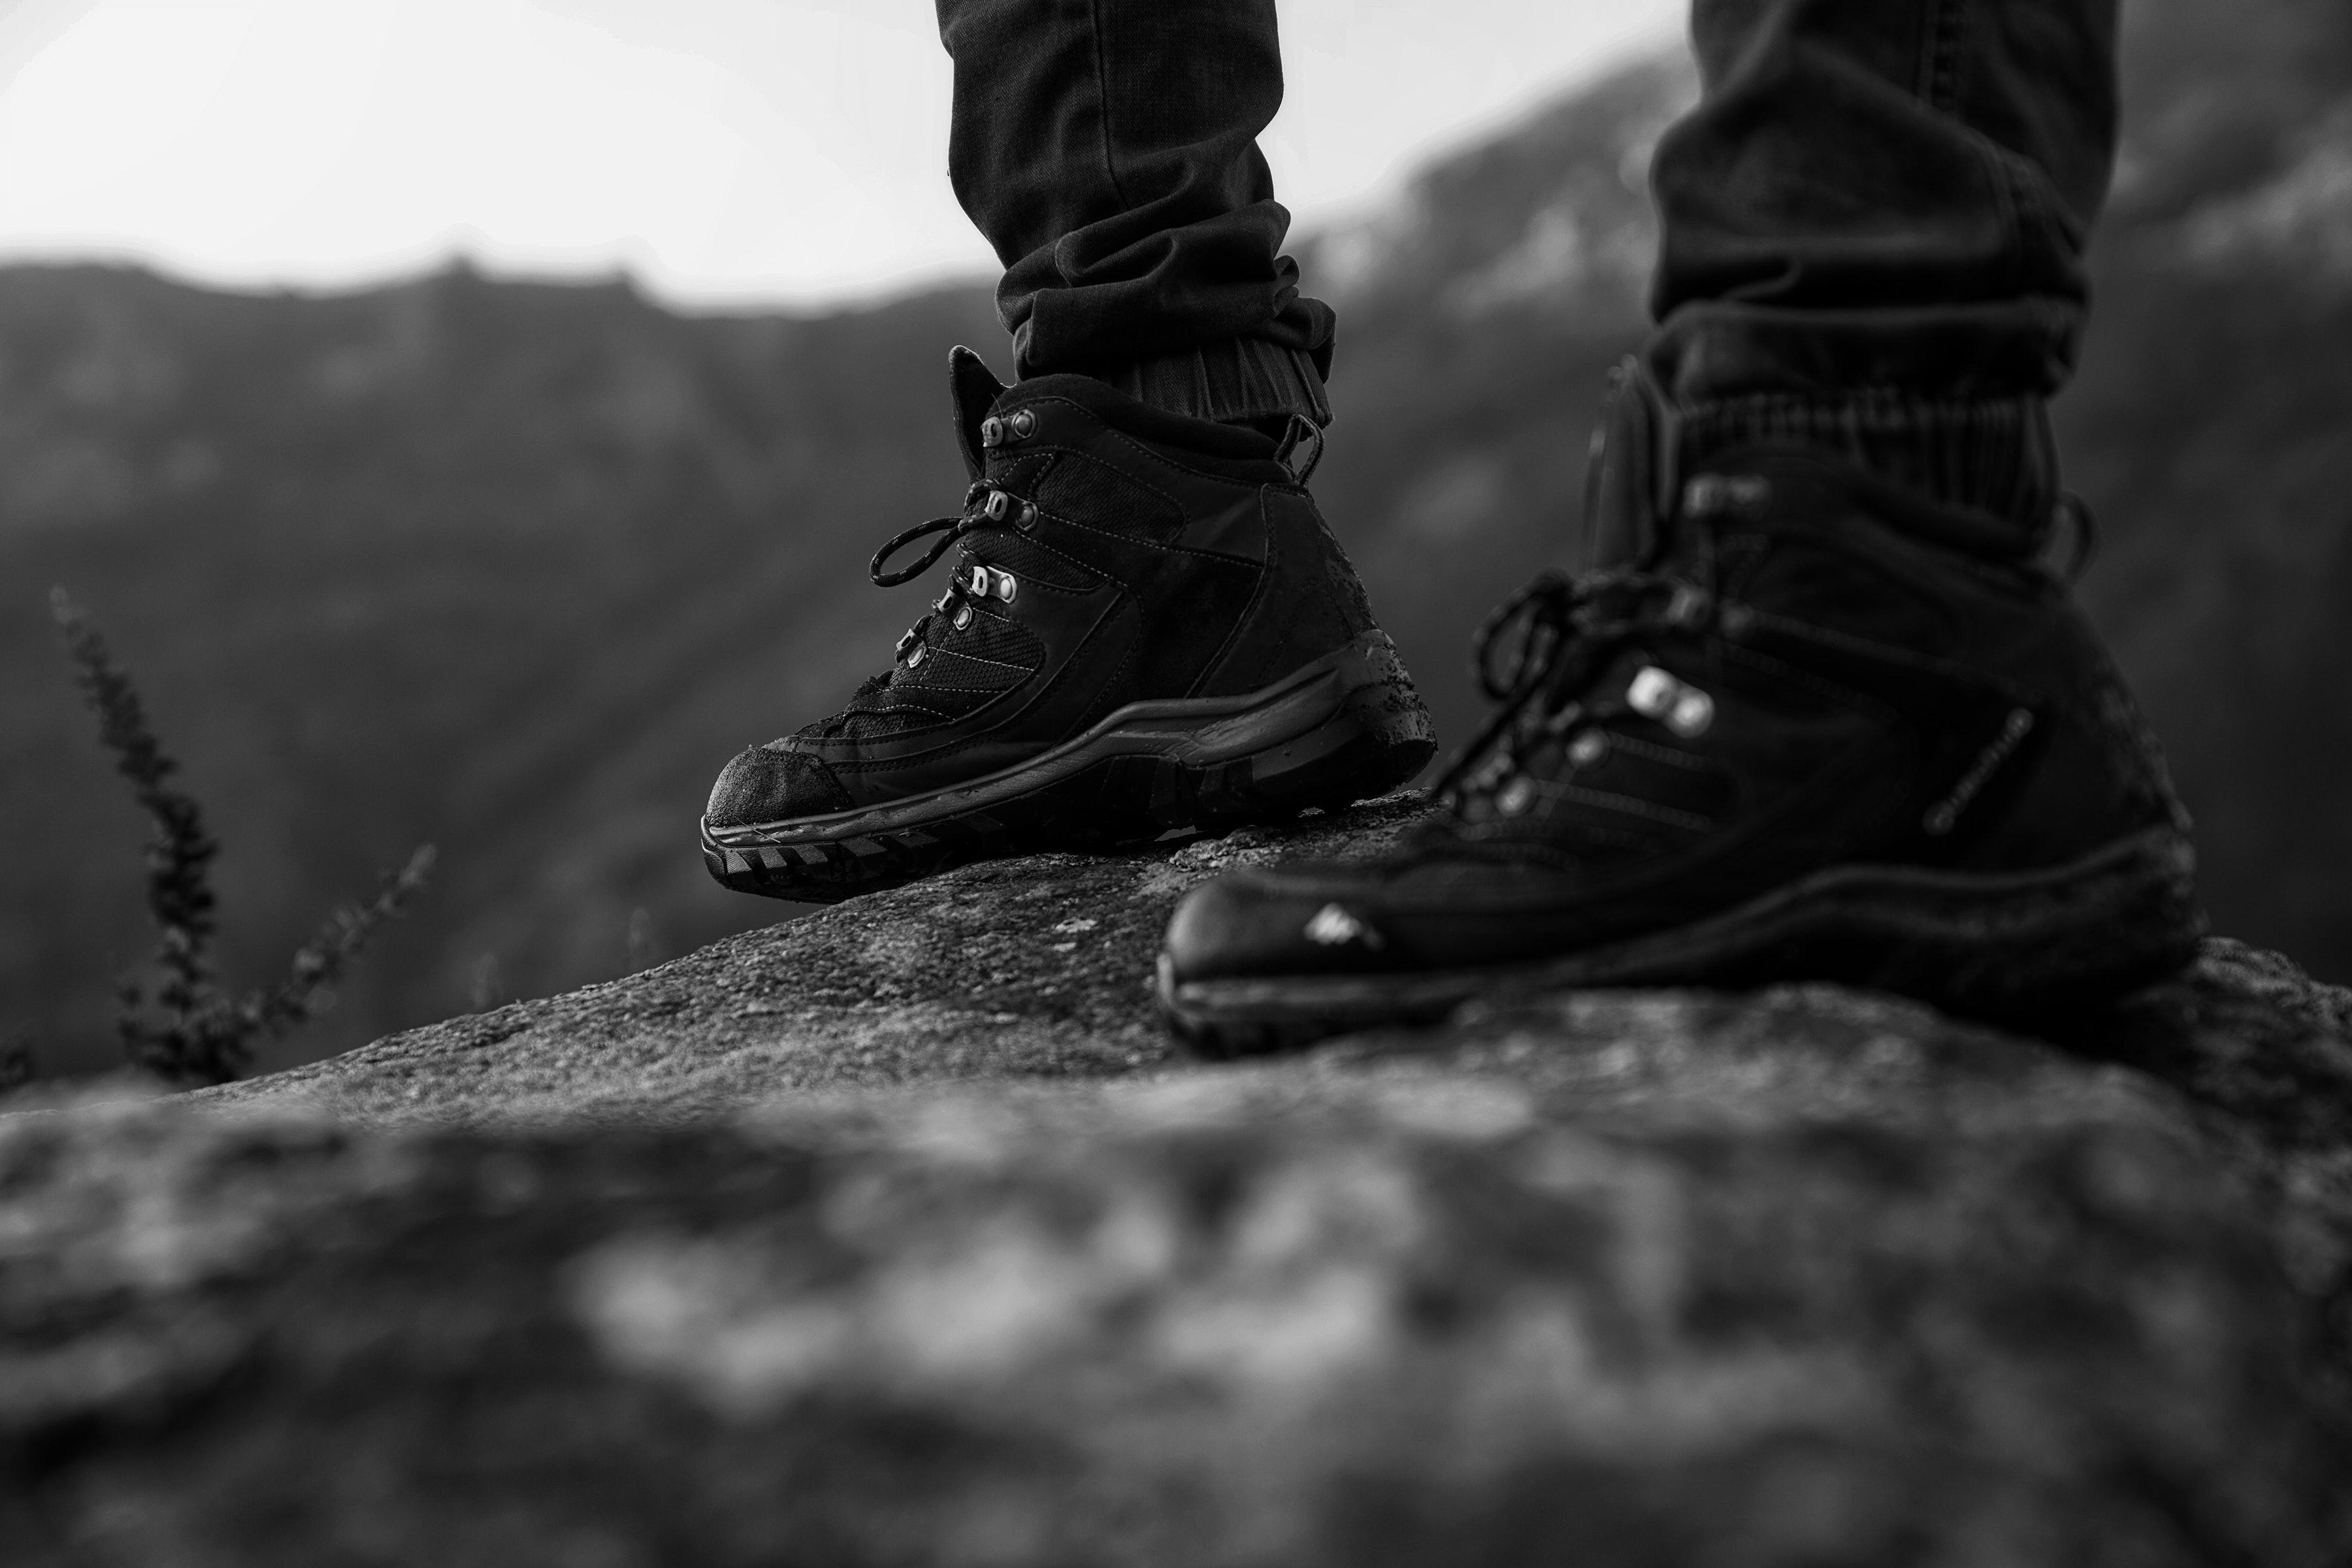 Buty Protektor Grom – o najważniejszych cechach funkcjonalności butów taktycznych